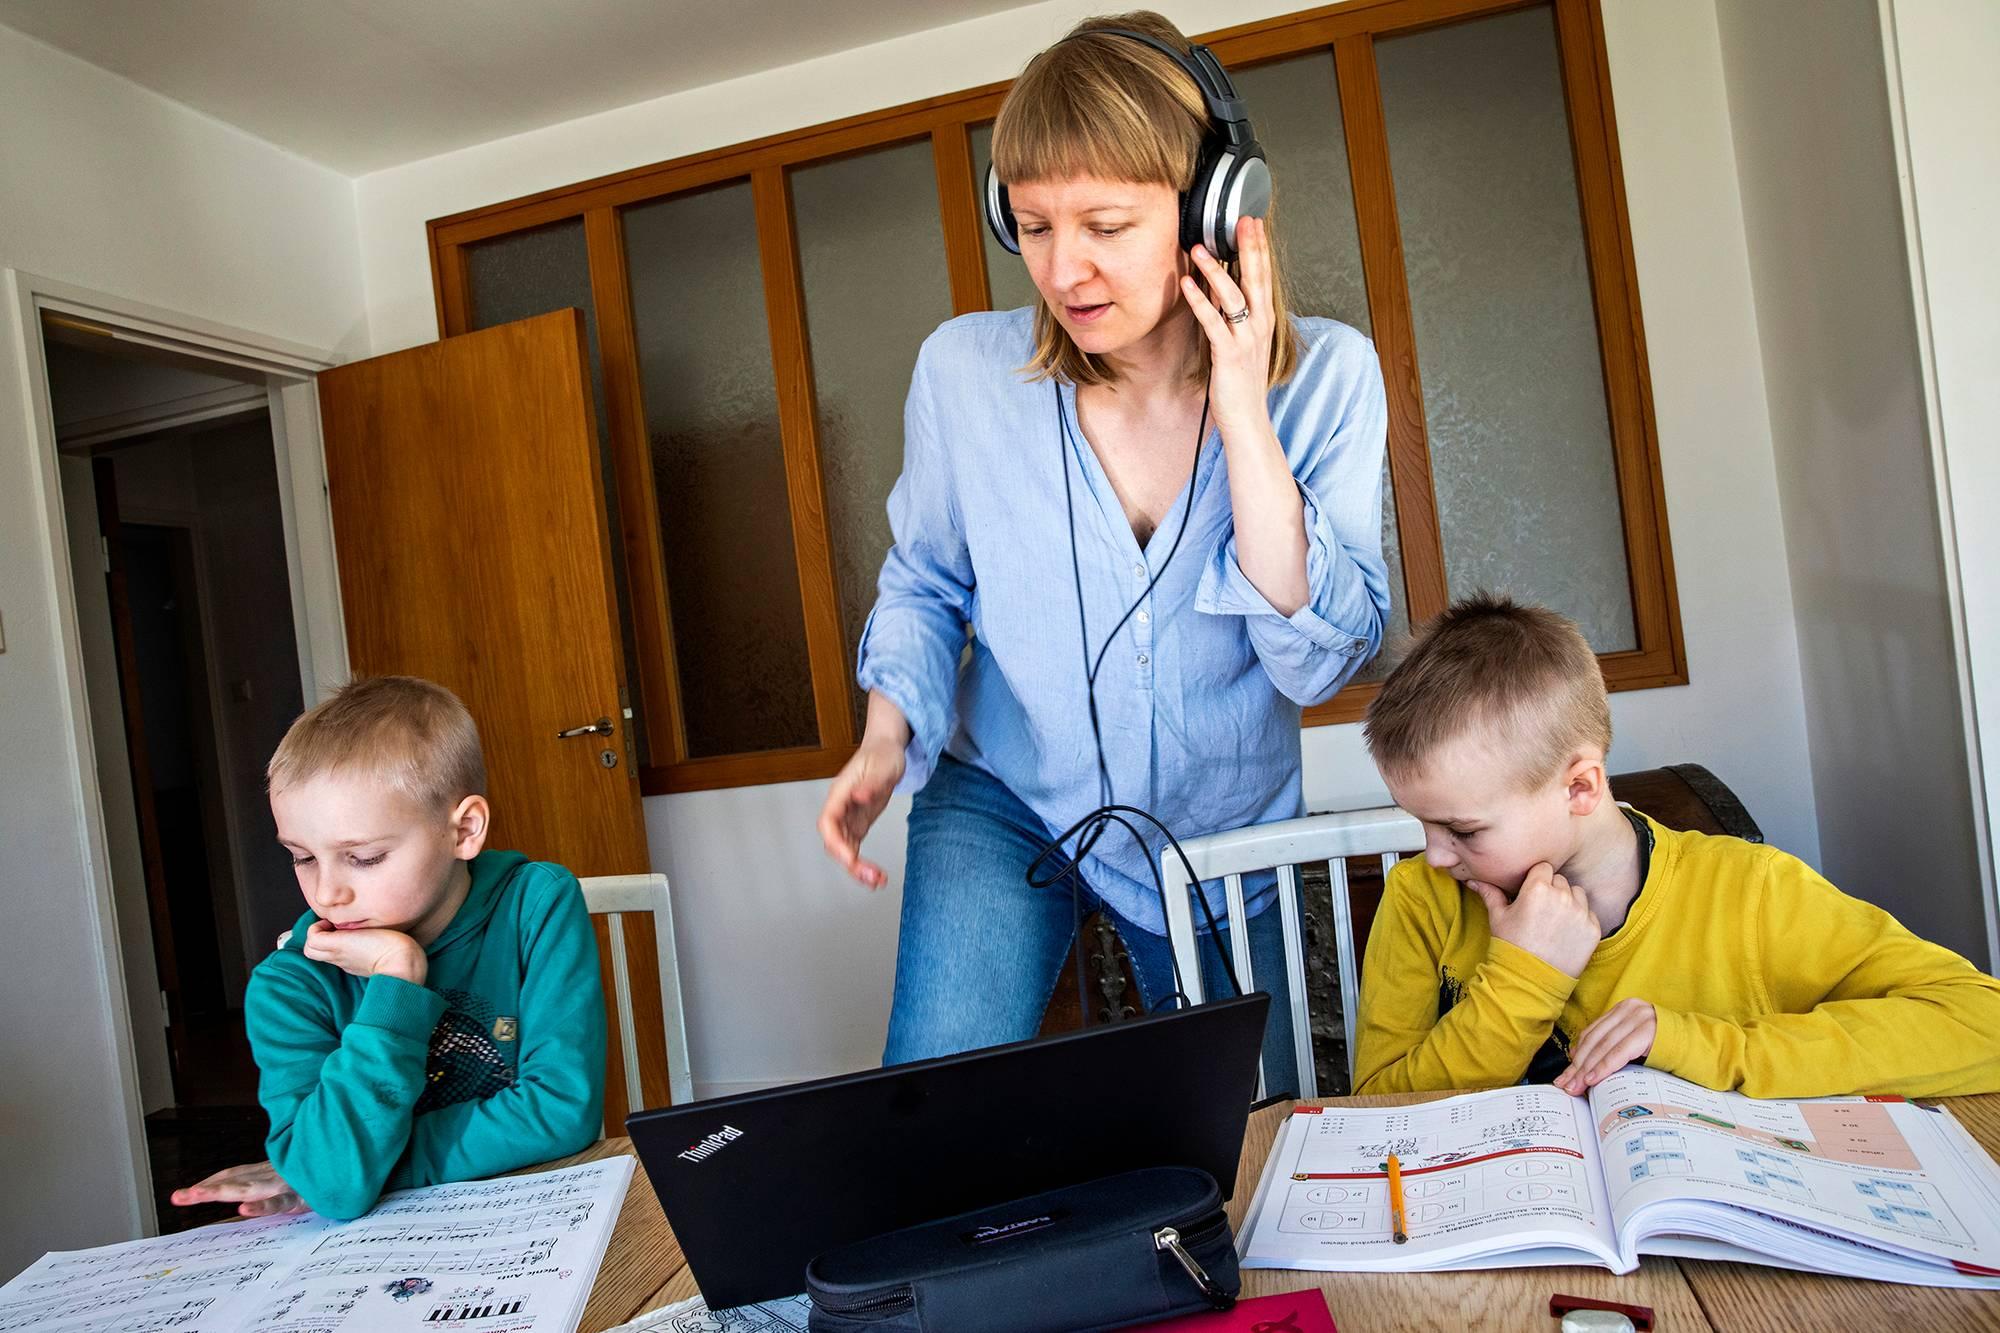 """Hyvinkääläinen viestintäasiantuntija Anna Salminen pakeni perheineen Hankoon. Loma-asunnolla äiti ja ykkös- ja kolmosluokkalaiset pojat totuttelevat etätöihin. Virtuaalipalavereissa istumisen lomassa äiti opastaa poikia koulutehtävissä. """"Lapset ovat onnellisia, kun saadaan olla yhdessä"""", Salminen sanoo. <span class=""""typography__copyright"""">©&nbsp;Markus Jokela</span>"""